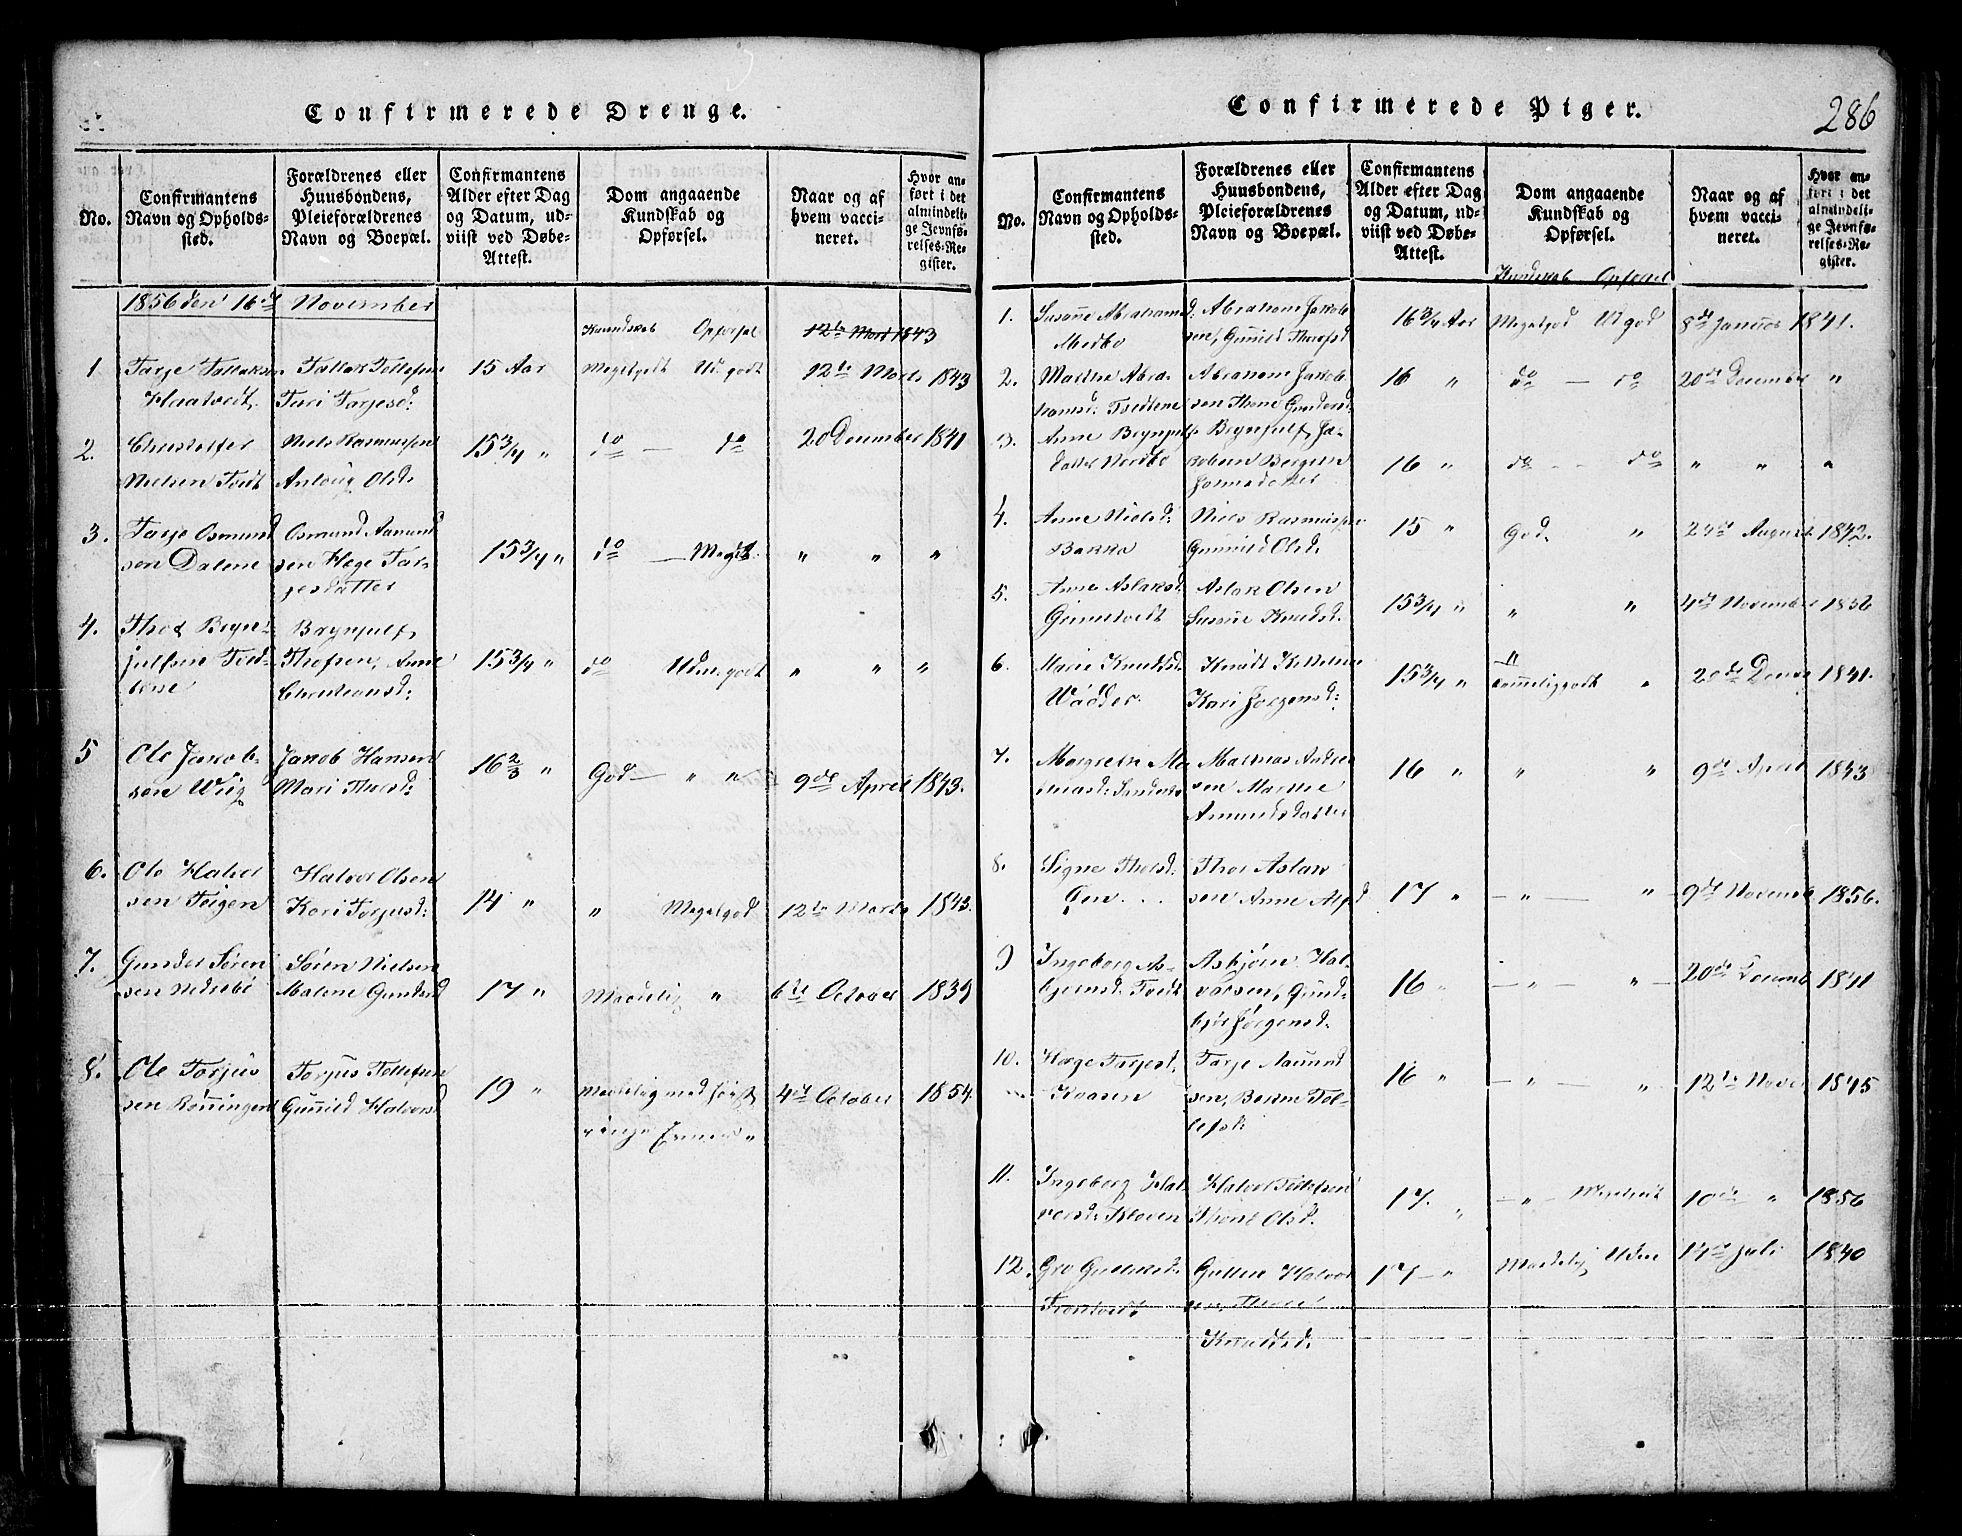 SAKO, Nissedal kirkebøker, G/Ga/L0001: Klokkerbok nr. I 1, 1814-1860, s. 286